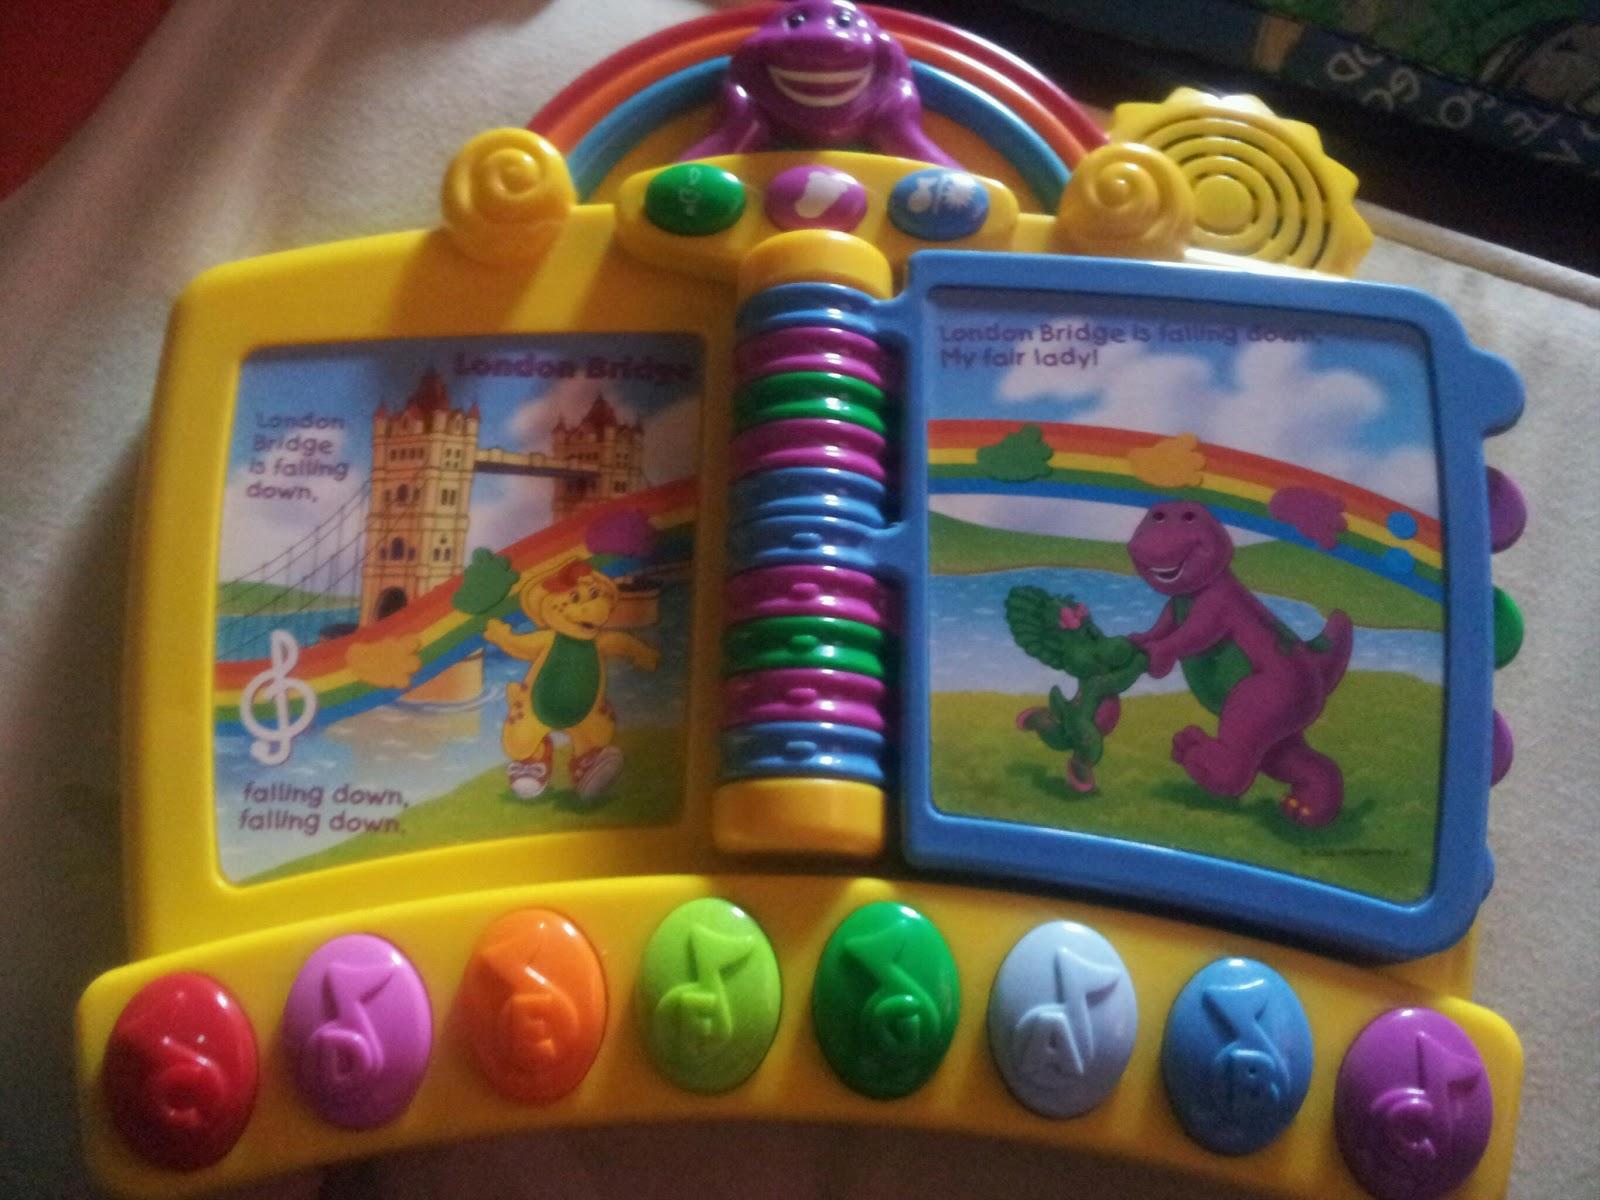 oldstreetshop: Barney & Friends Kids Sing N Play Interactive Musical ...